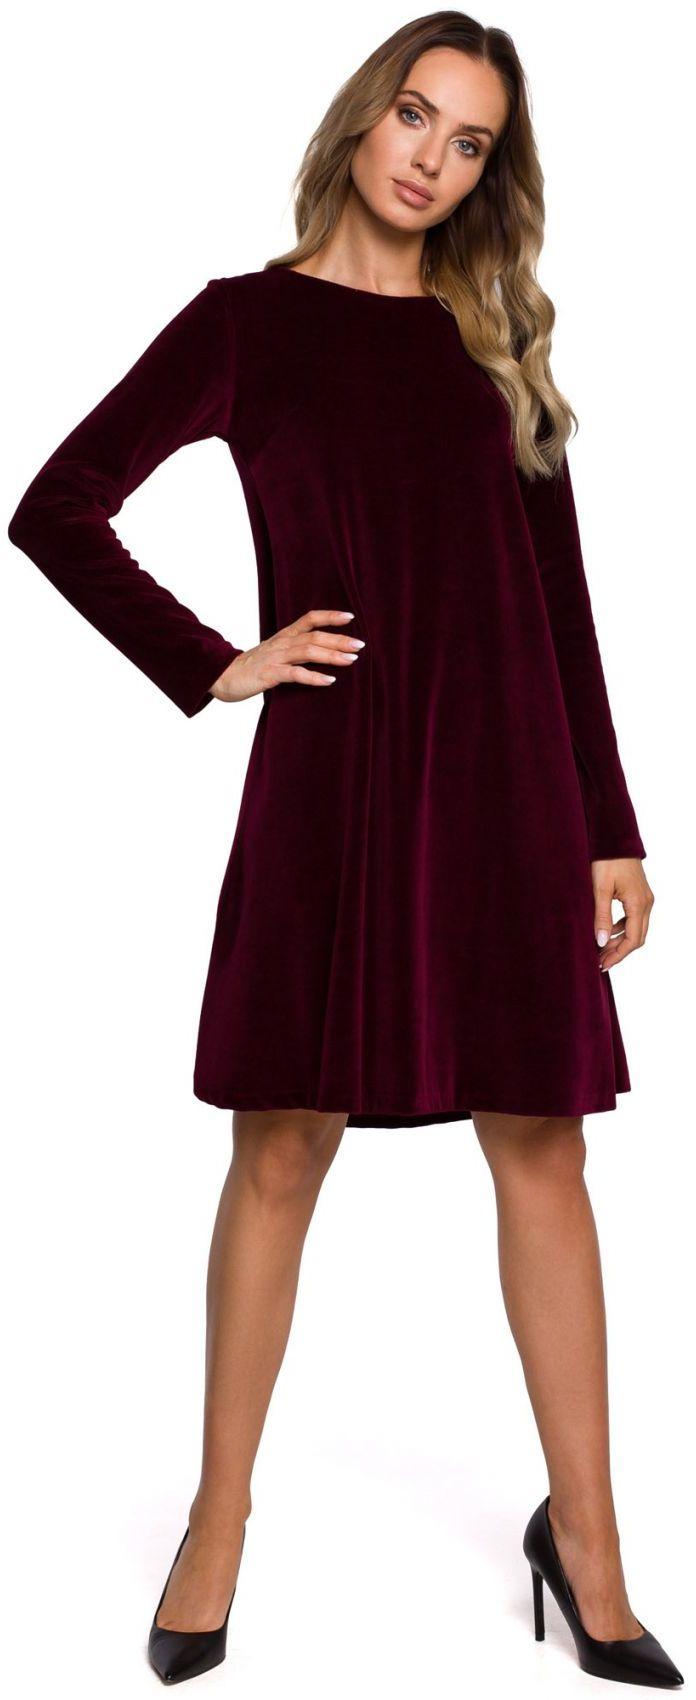 M566 Welurowa sukienka trapezowa - bordowa